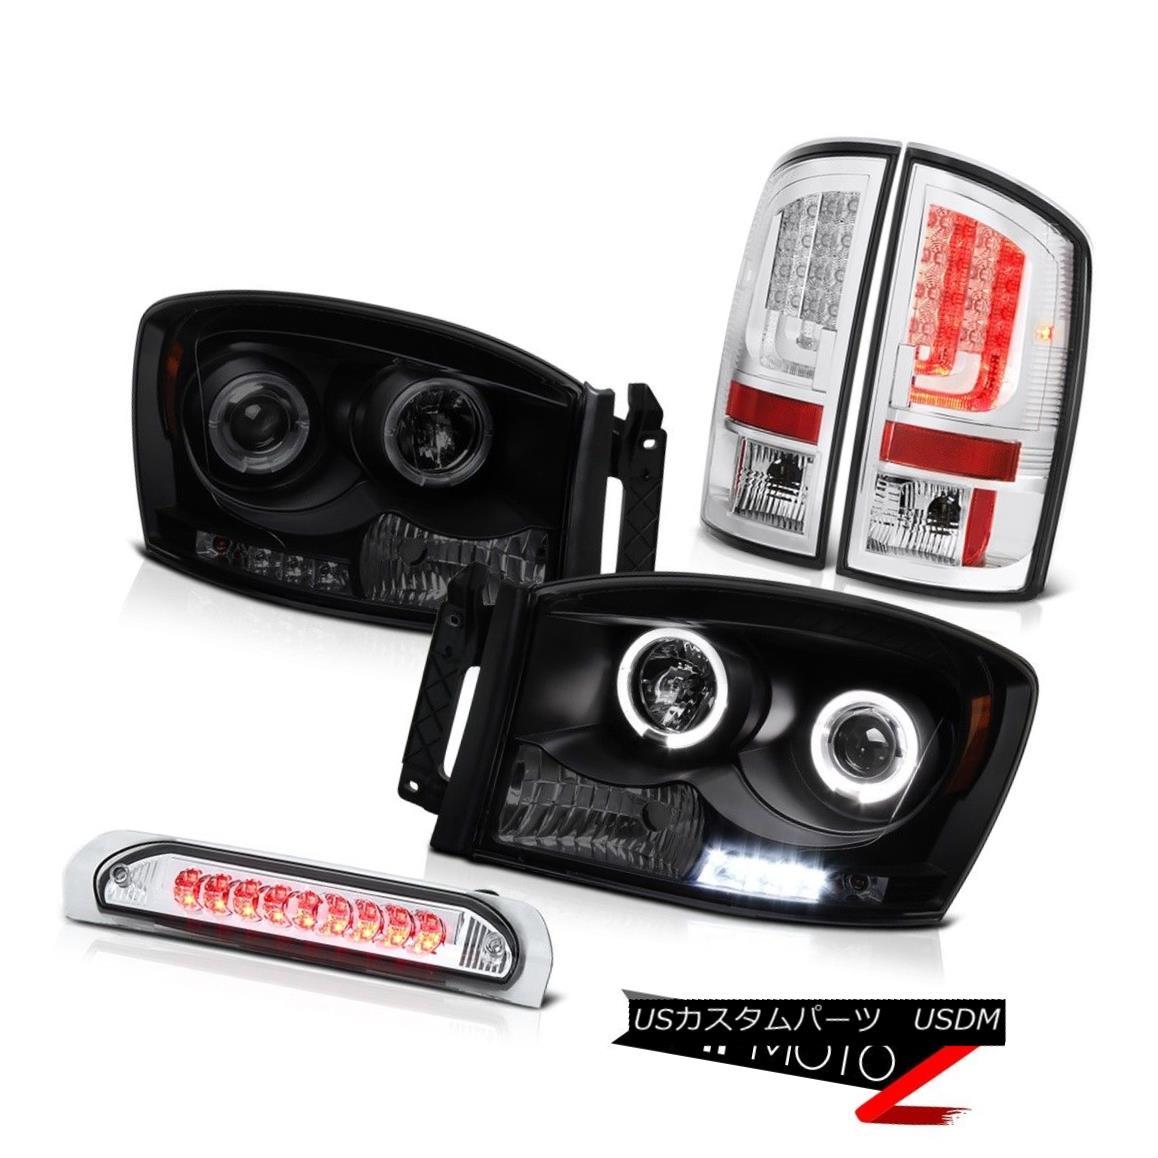 テールライト 2006 Dodge Ram Taillights Headlights High STop Lamp Tron Tube LED